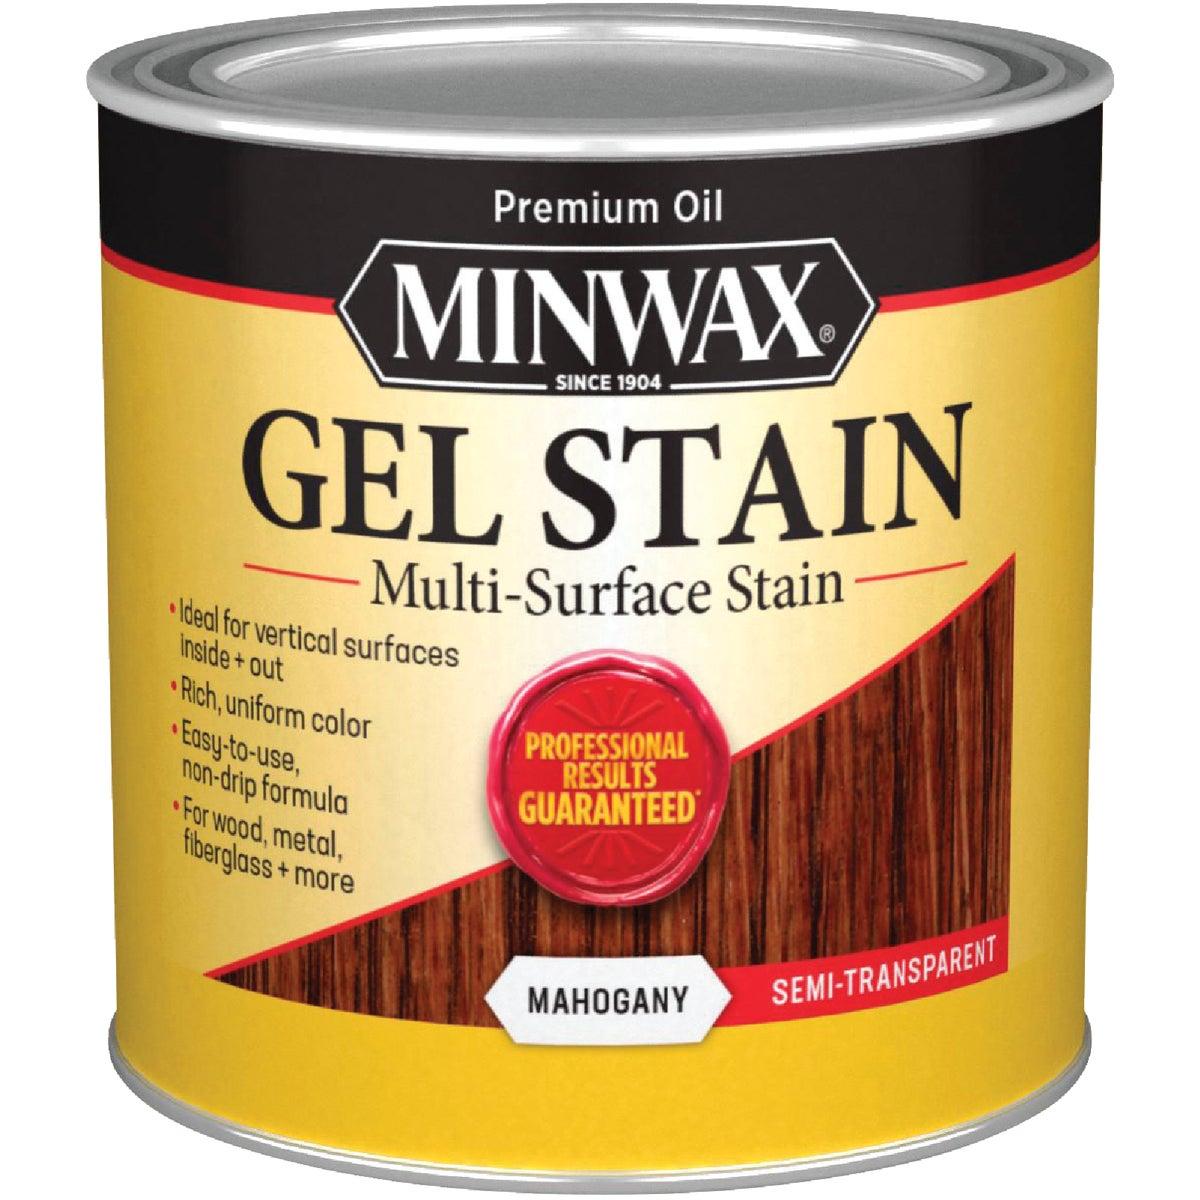 MAHOGANY GEL STAIN - 260504444 by Minwax Company